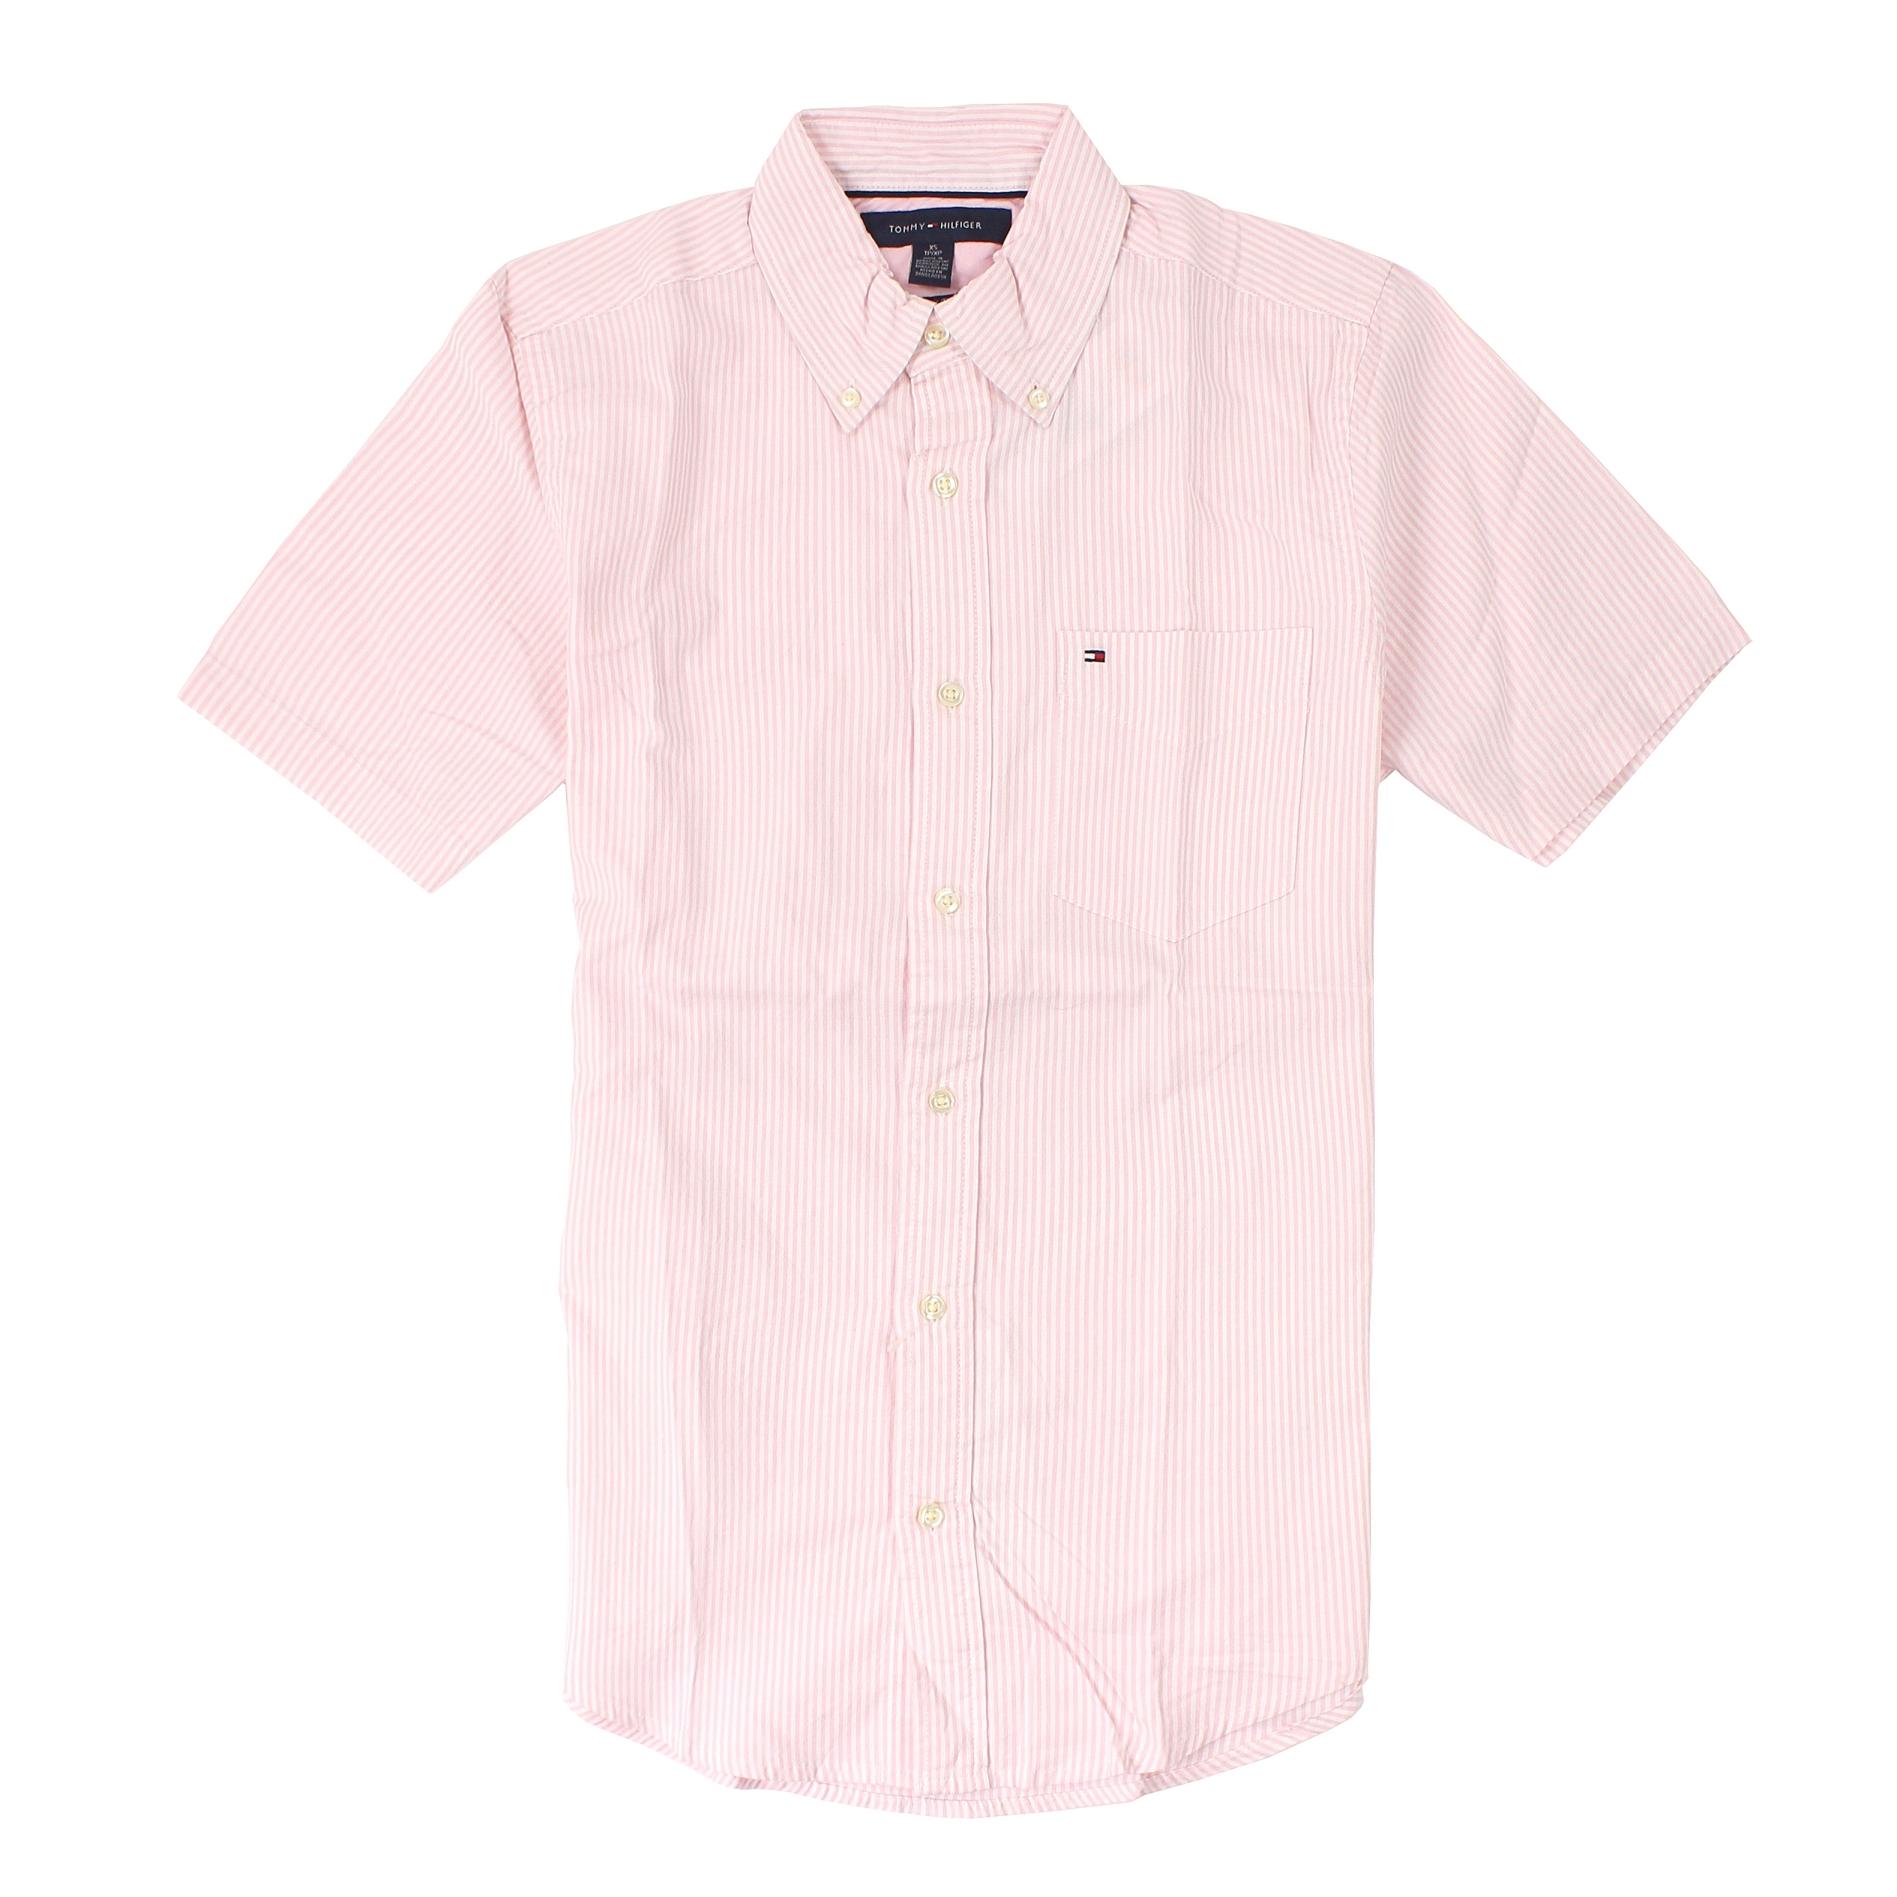 美國百分百【全新真品】Tommy Hilfiger 襯衫 TH 短袖 上衣 休閒衫 粉紅 條紋 牛津 口袋 Logo 男 XS S C322